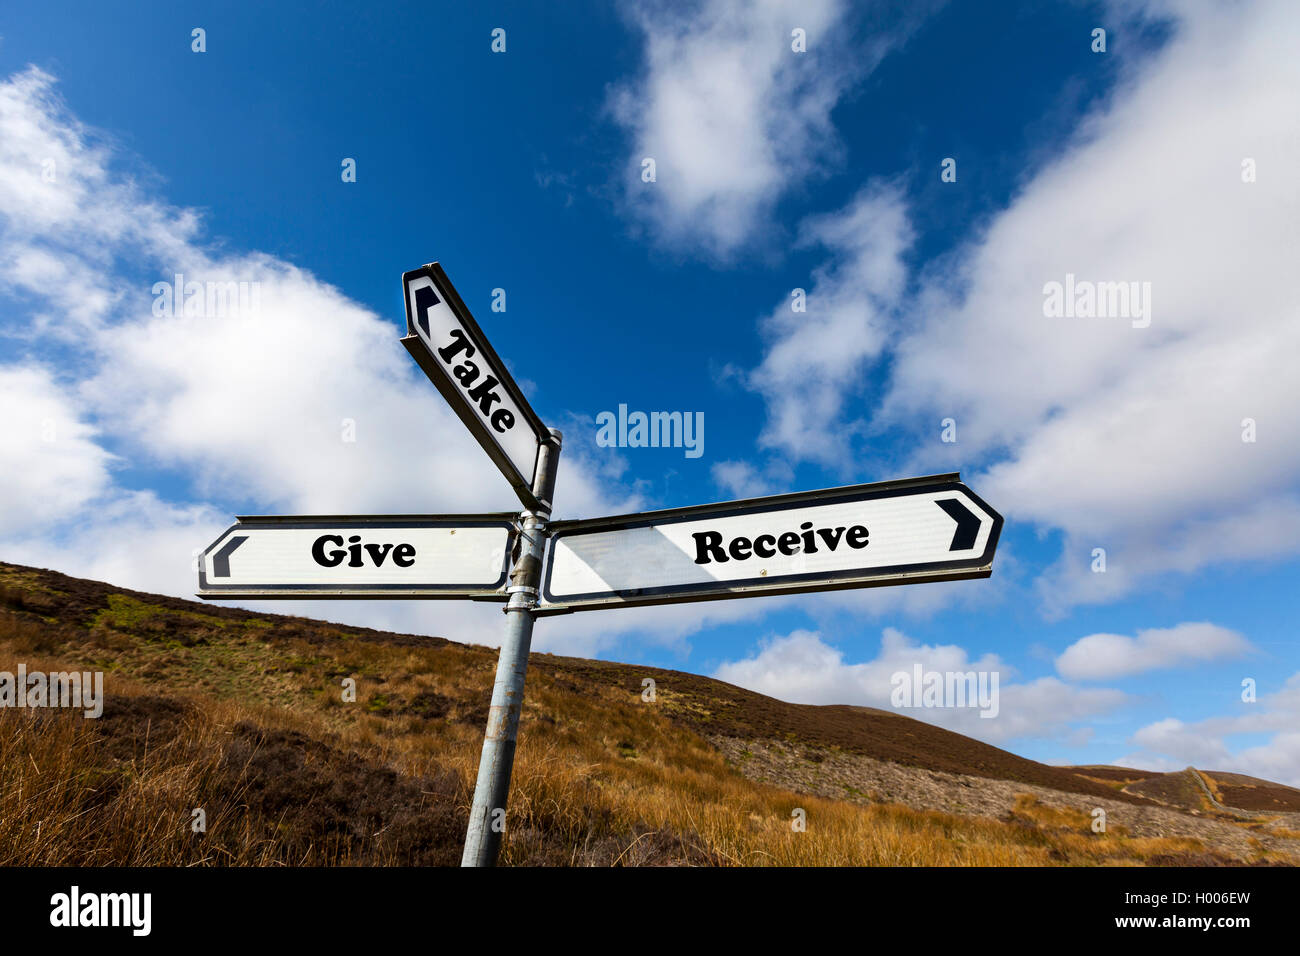 Geben nehmen Geber Taker Empfänger Konzept Straßenschild Typ Person Wahl wählen Sie Leben Richtung Stockbild